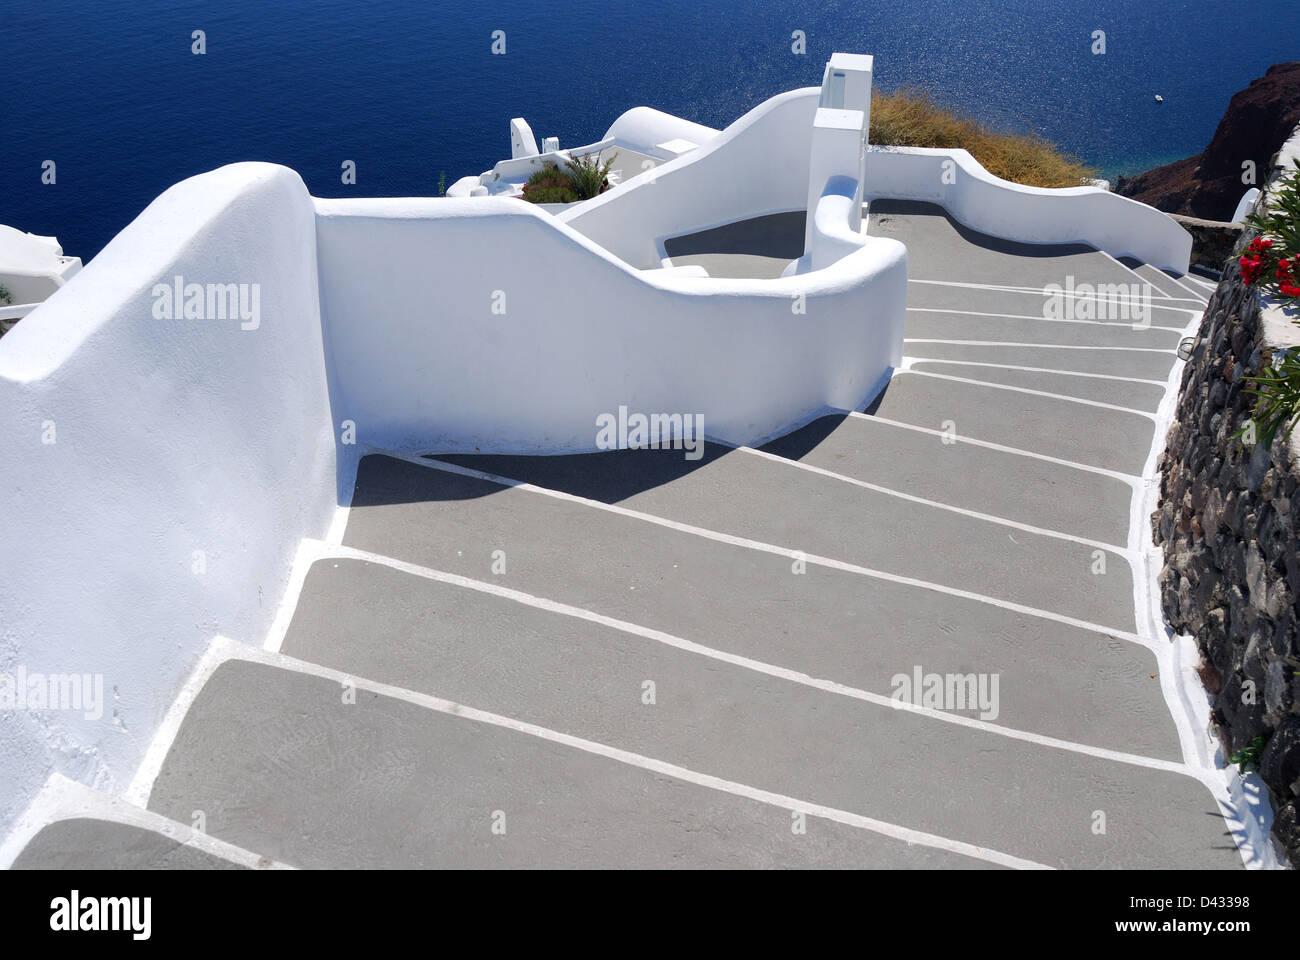 Le scale che portano al mare, Santorini villaggio di Oia, Grecia, una popolare meta turistica per l'architettura. Immagini Stock